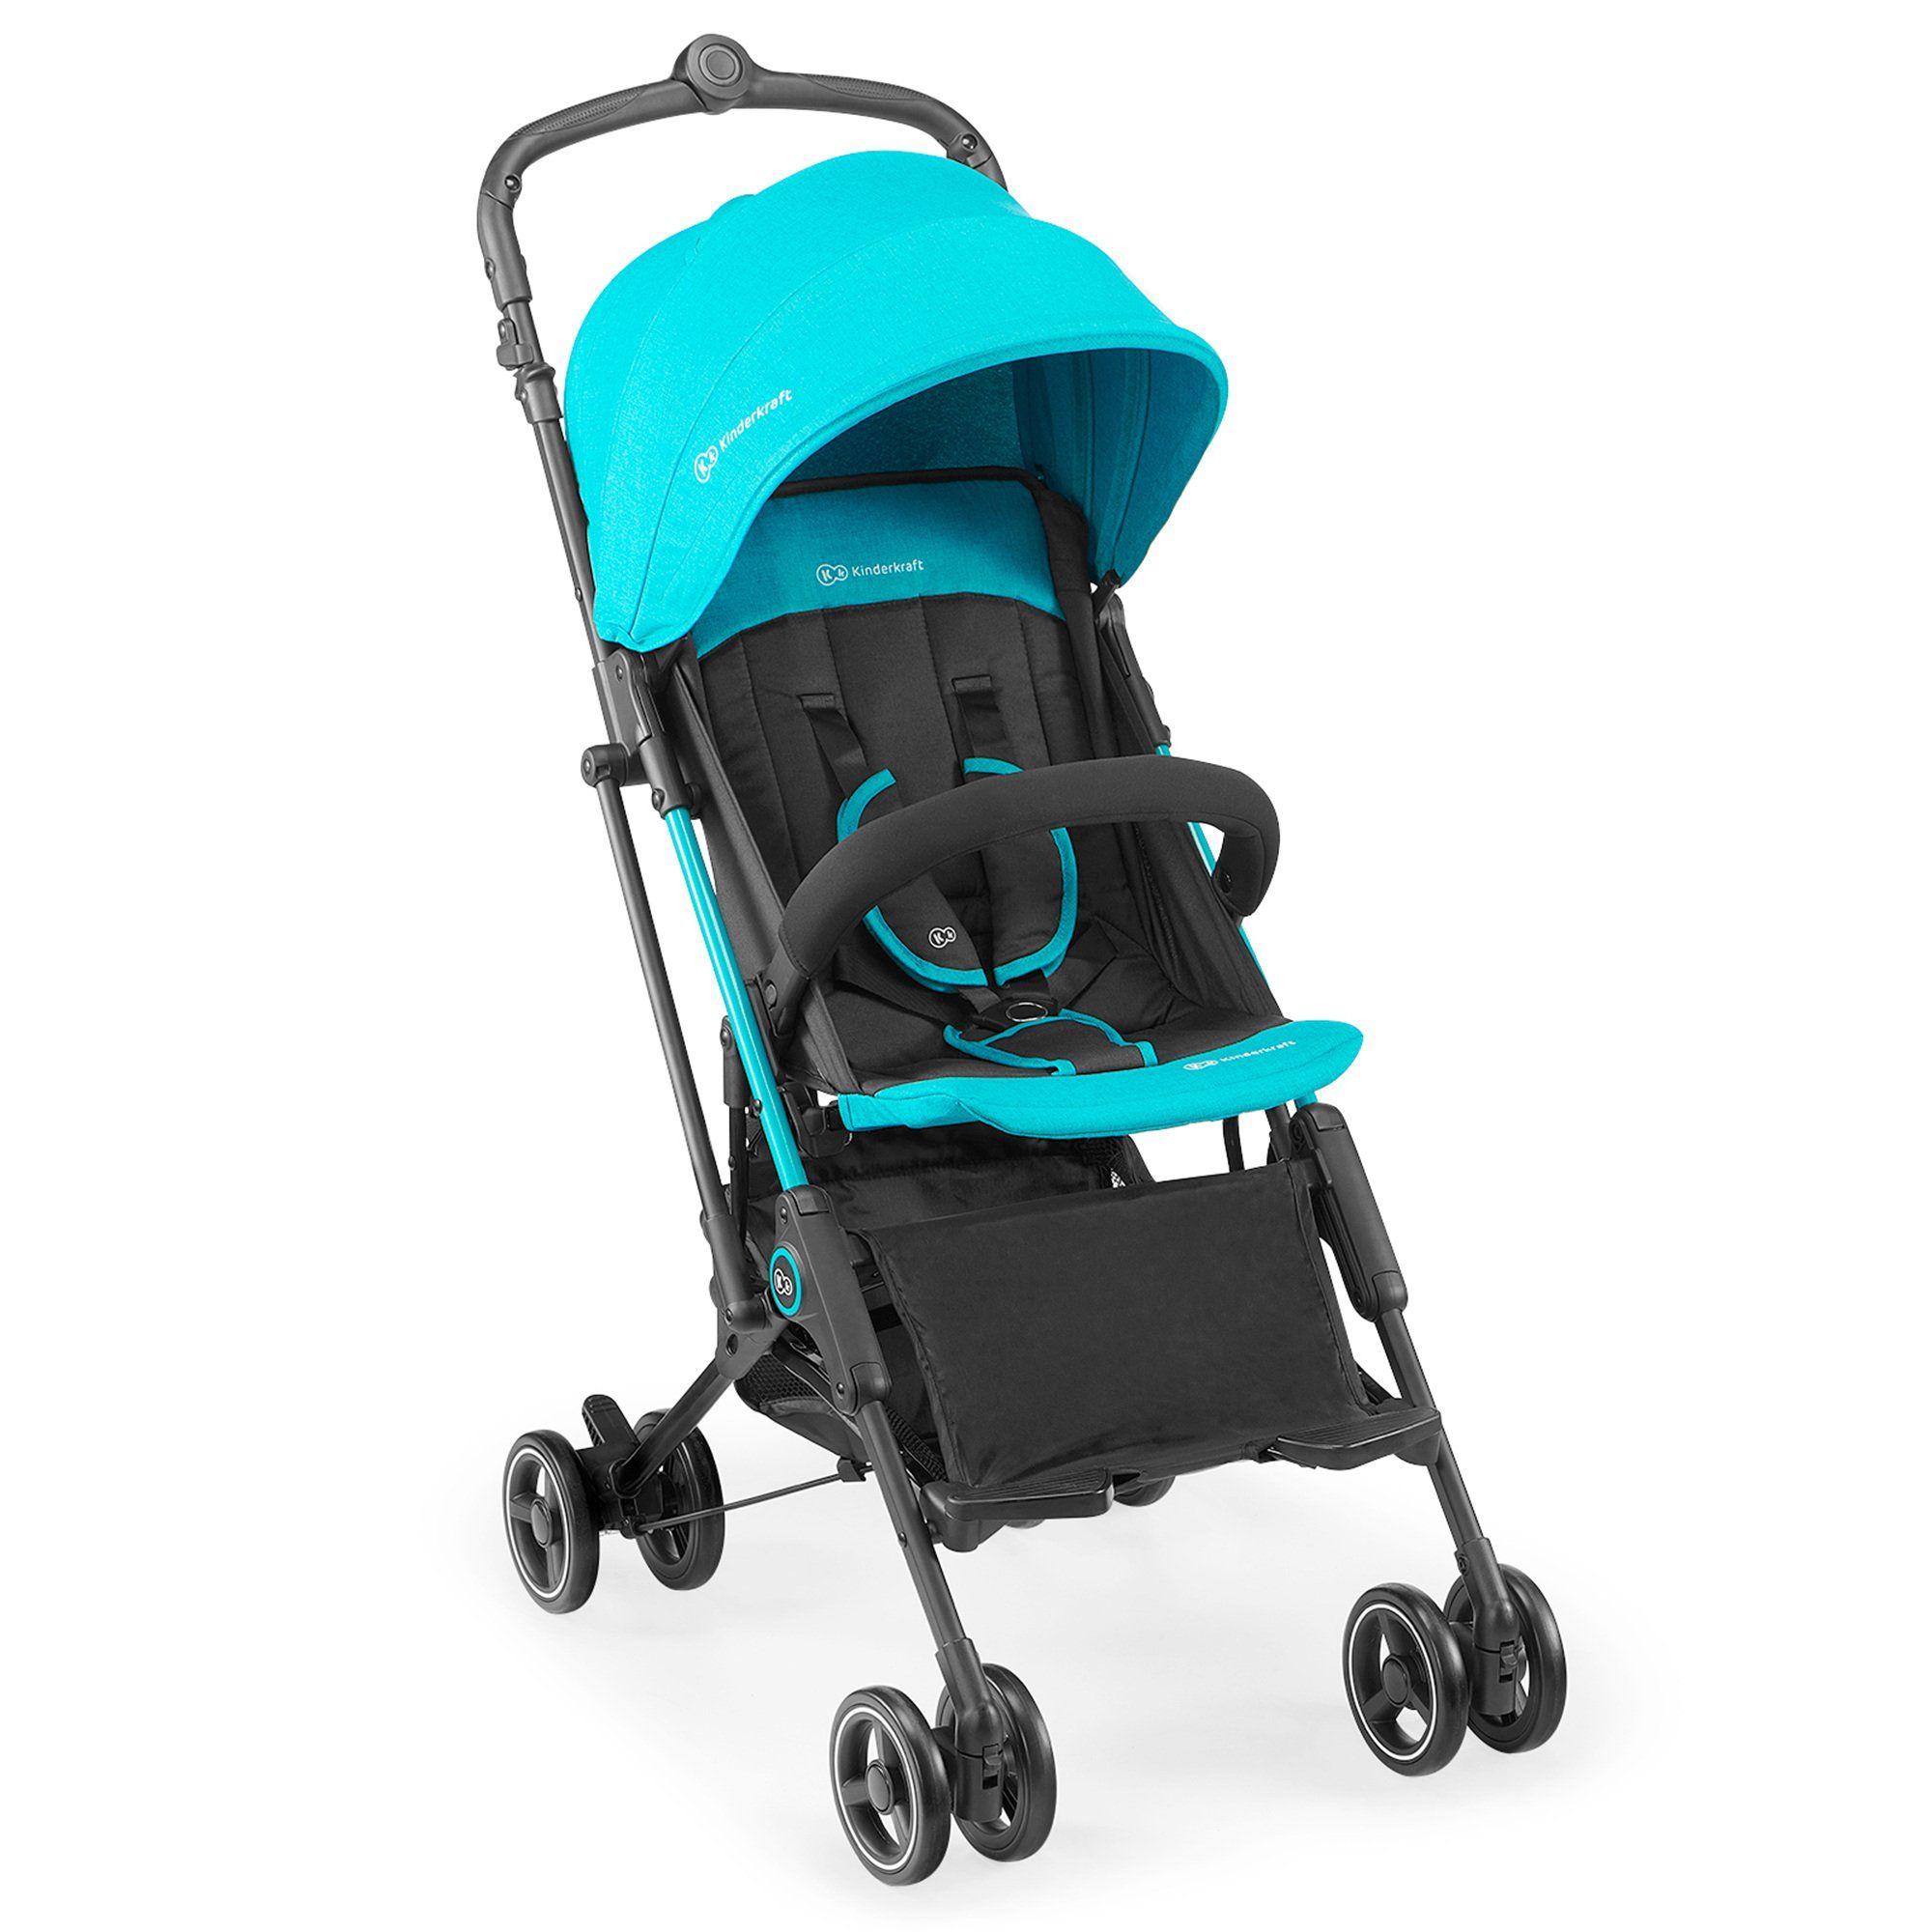 Für kleine und große Weltentdecker: Der kompakte und leichte Buggy Mini Dot von Kinderkraft ist die ideale Wahl für Ausflüge und Reisen.  Altersempfehlung: ab Geburt Belastbarkeit: bis 15 kg, Einkaufskorb bis 3 kg Verwendung: für die Stadt Klappmaß: 54(L) x 25(B) x 23(H) cm Gewicht: 5,6 kg Räder: gedämpfte Räder aus EVA-Schaumstoff, schwenk- und feststellbare Vorderräder Lieferumfang: Gestell mit Rädern und Korb, Sitz mit Verdeck und Sicherheitsbügel, Regenverdeck Gestell: Aluminium, Faltm